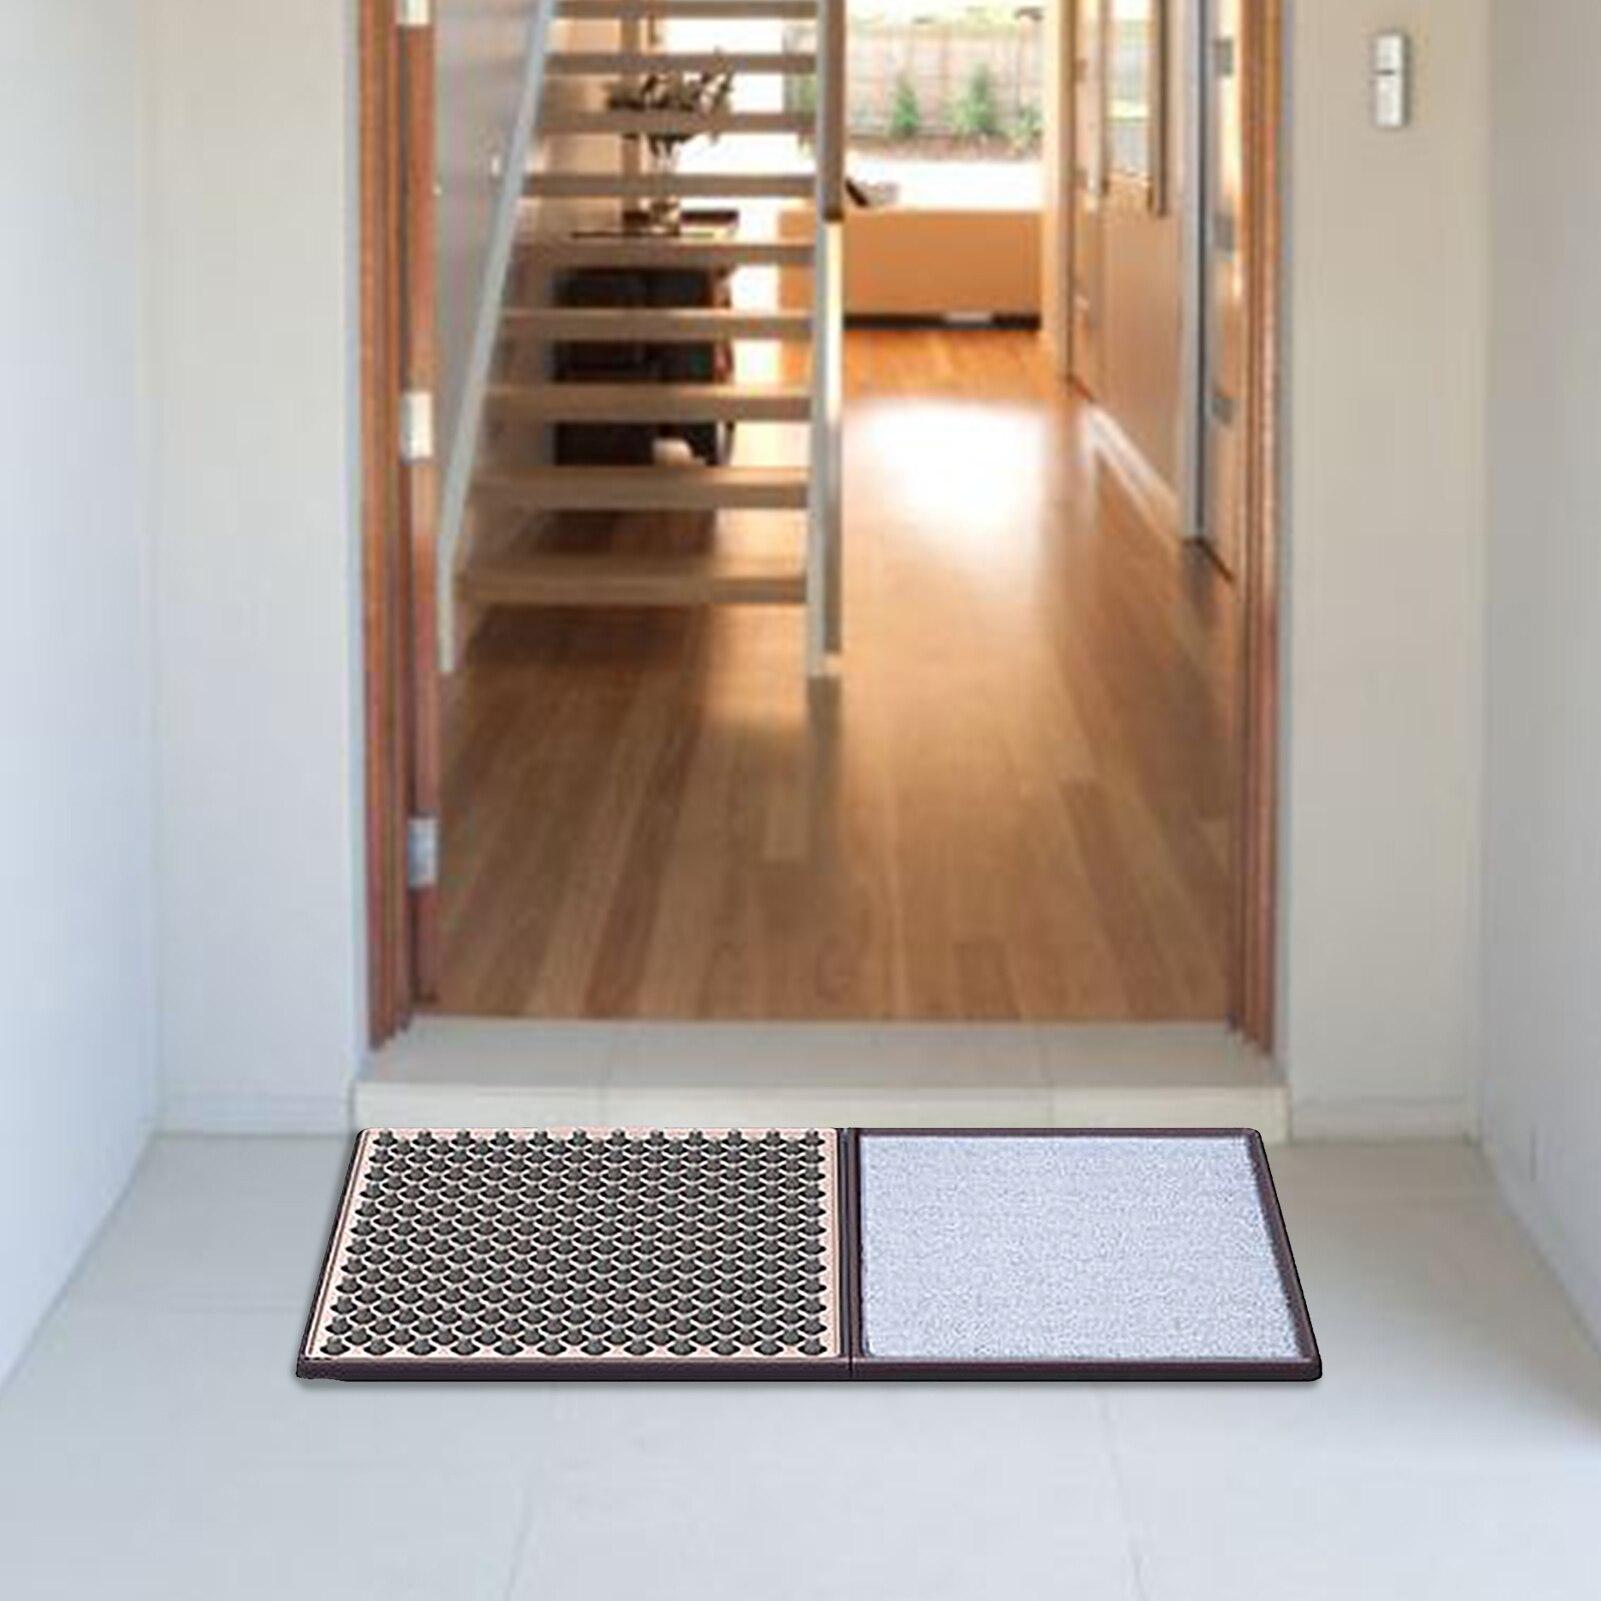 cozinha tapetes entrada corredor banheiro lavável capacho